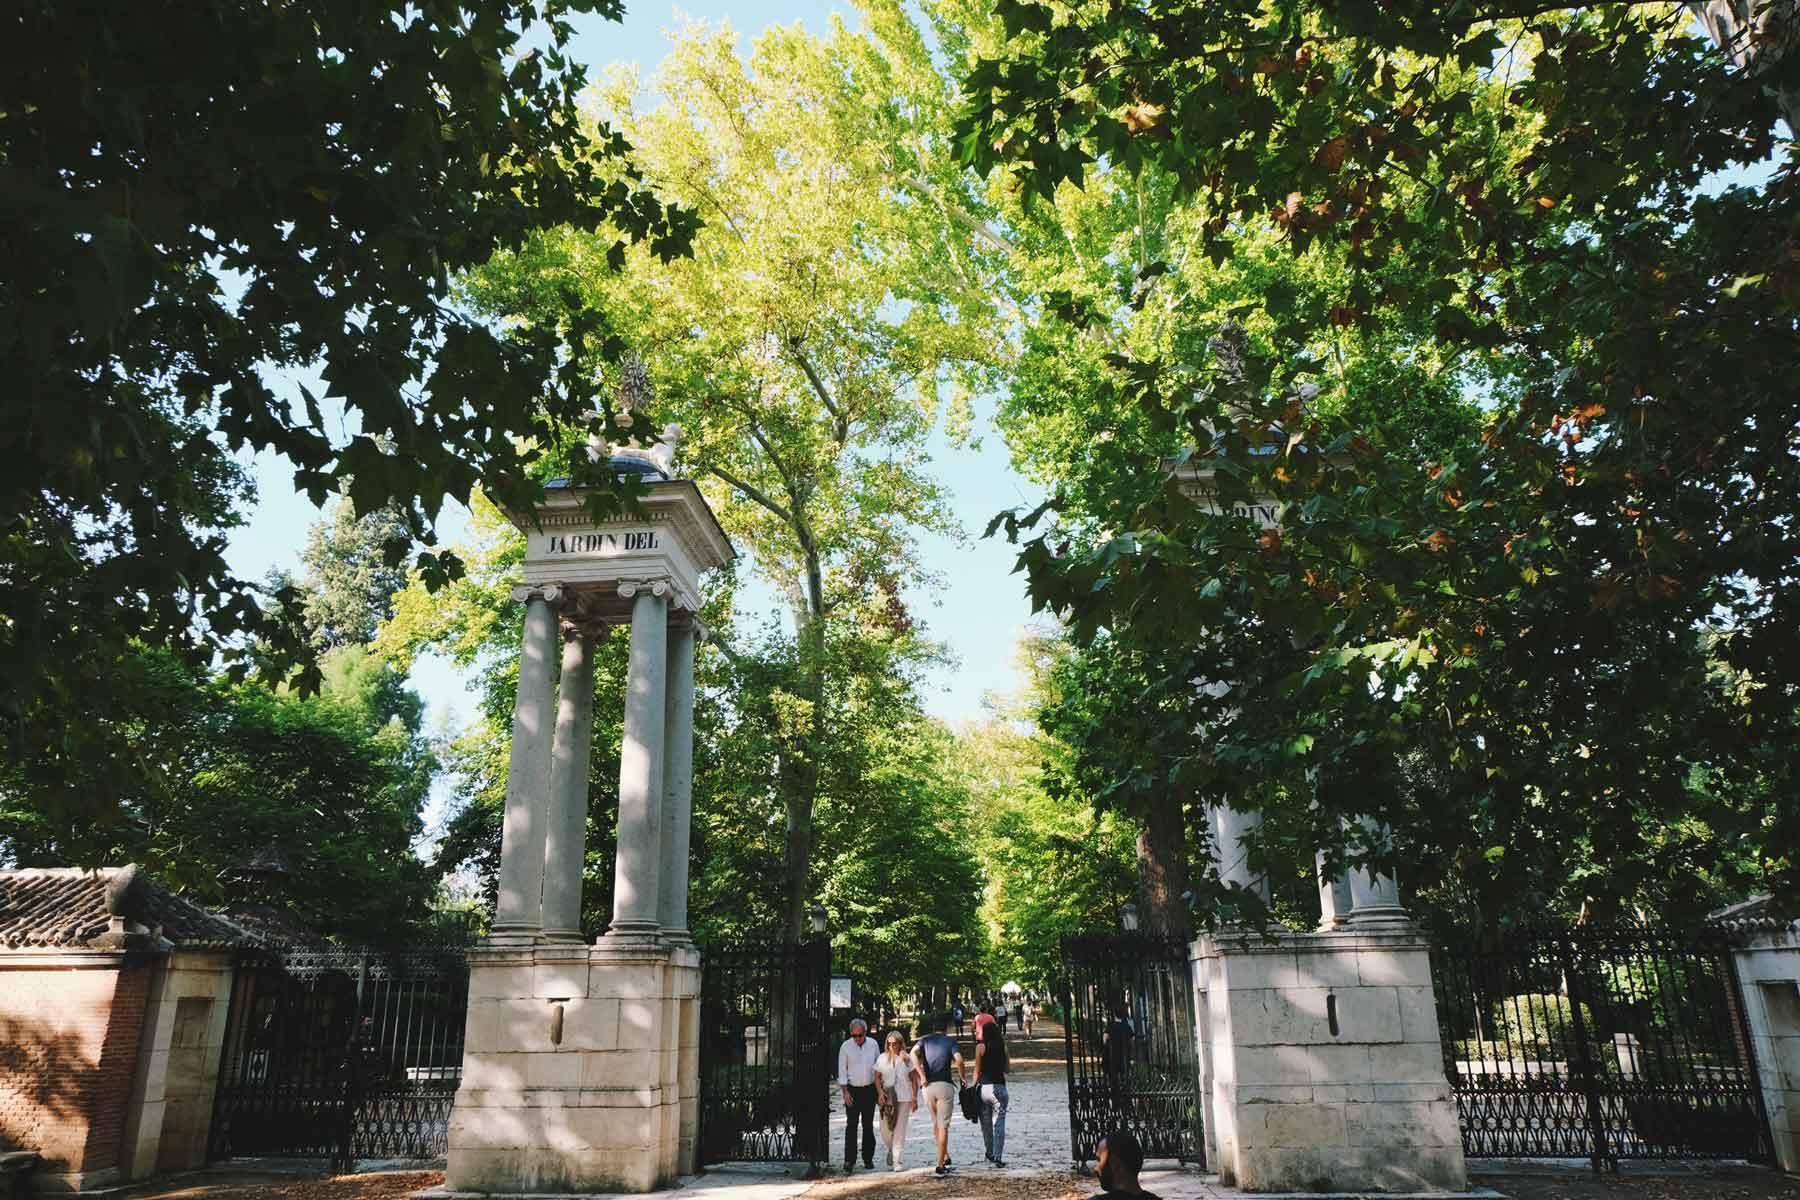 Entrada de los Jardines del Príncipe / The Prince Gardens entry.